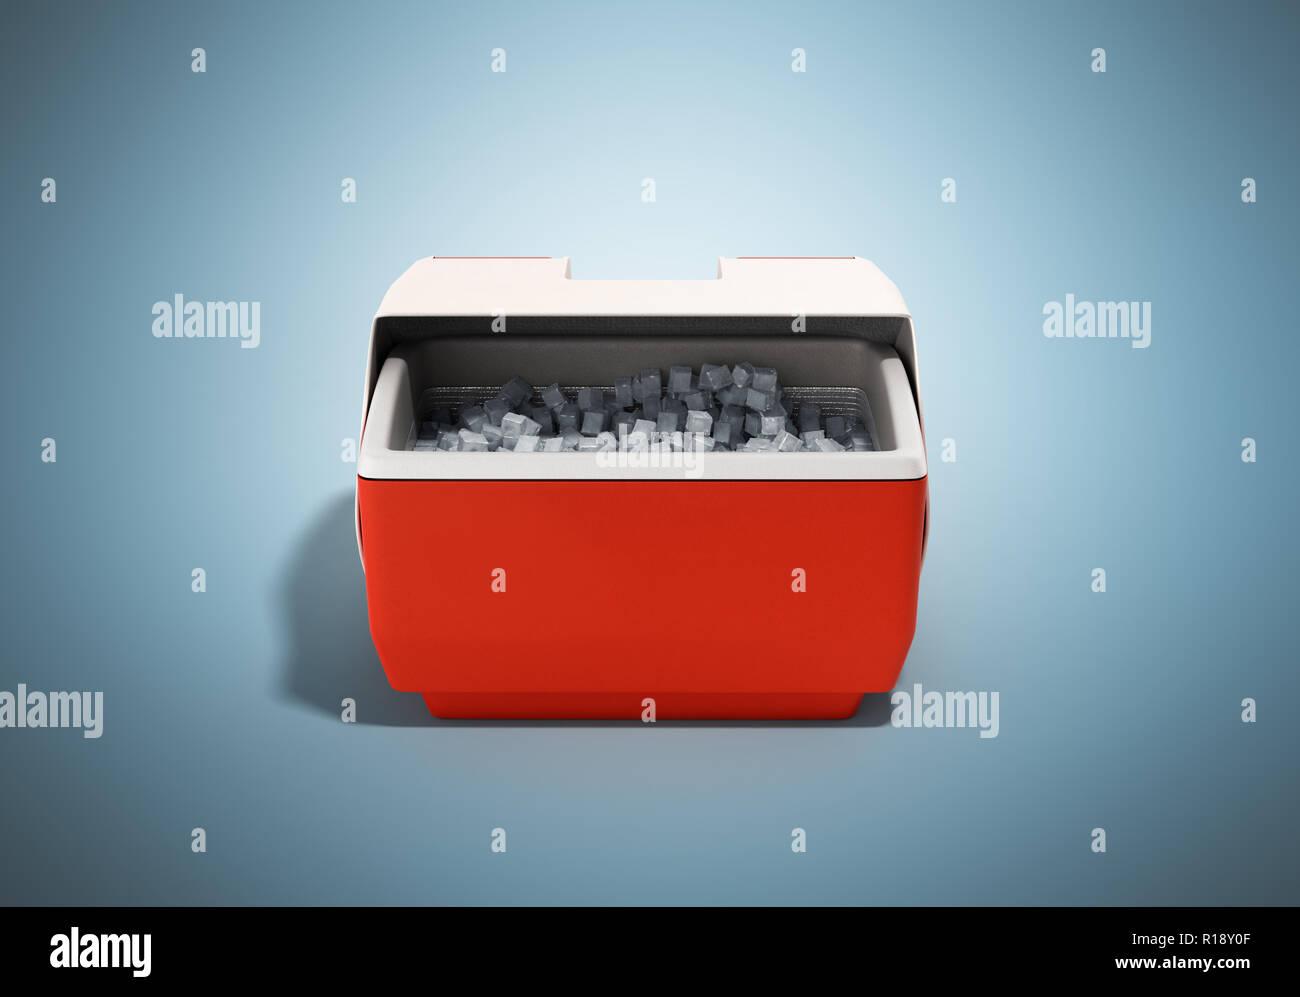 Kühlschrank Box : Kühlschrank box rot d render auf blauem hintergrund geschlossen